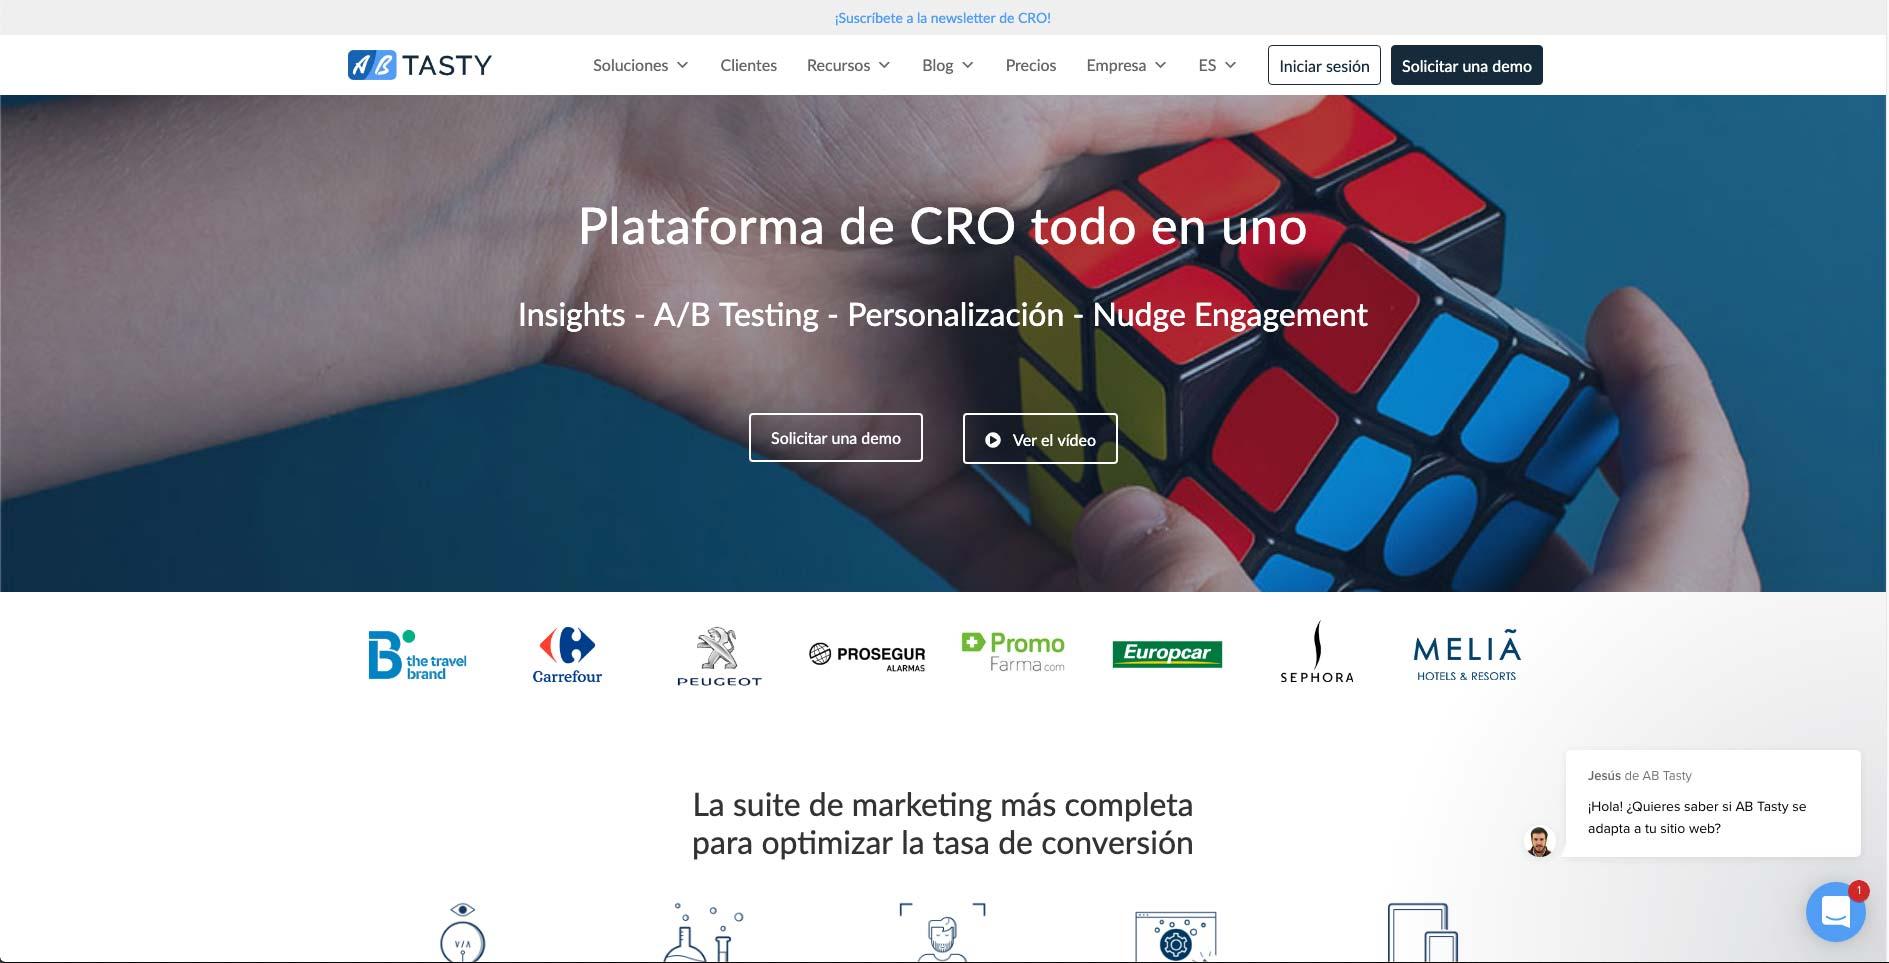 Página web de AB Tasty  optimizada para dispositivos de escritorio.